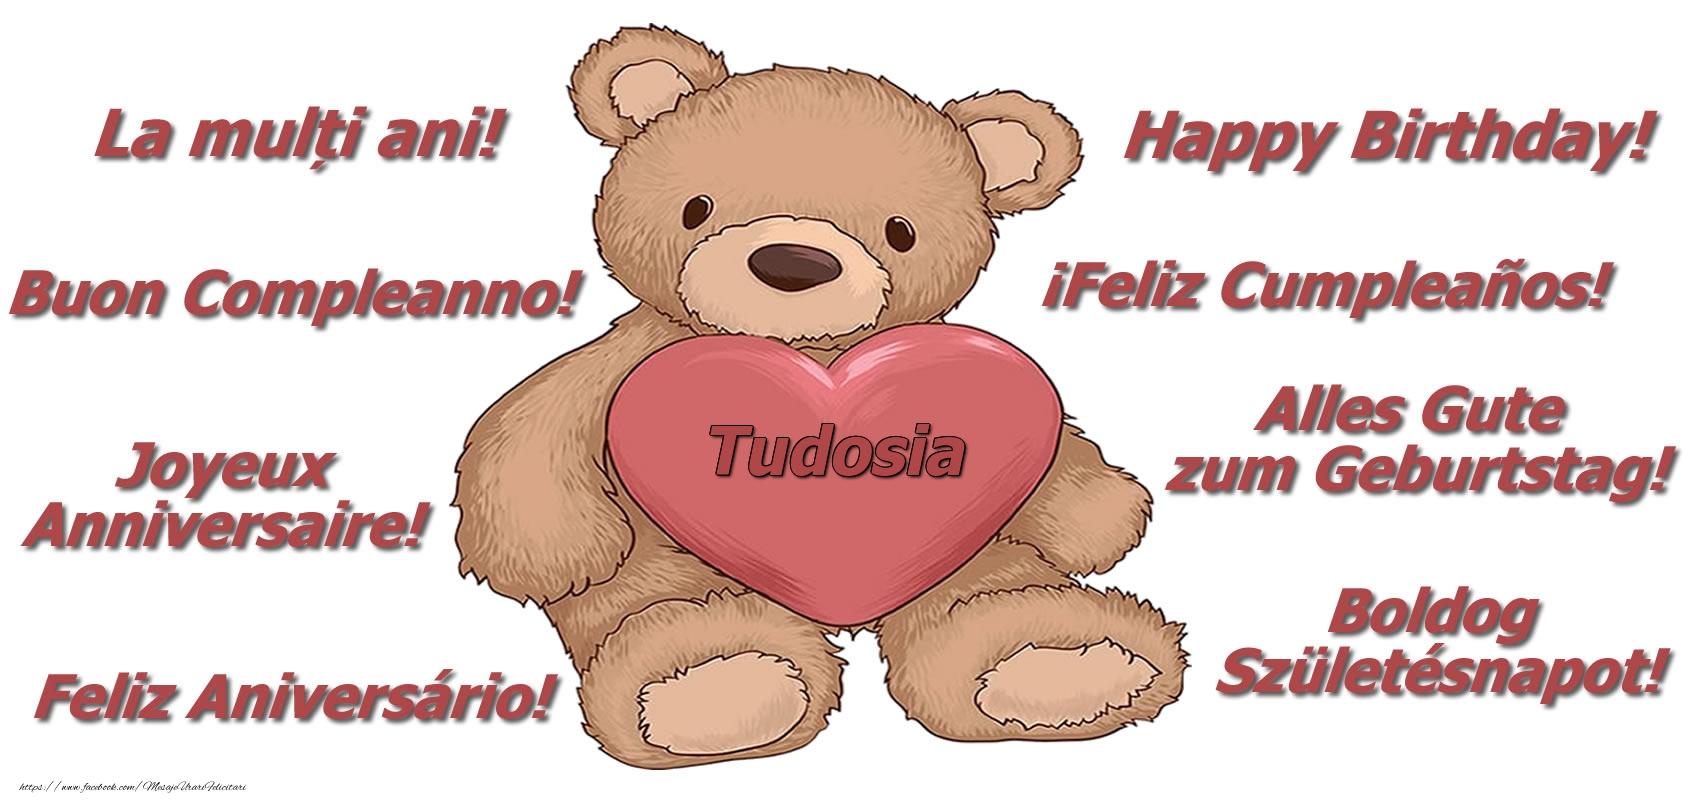 Felicitari de zi de nastere - La multi ani Tudosia! - Ursulet